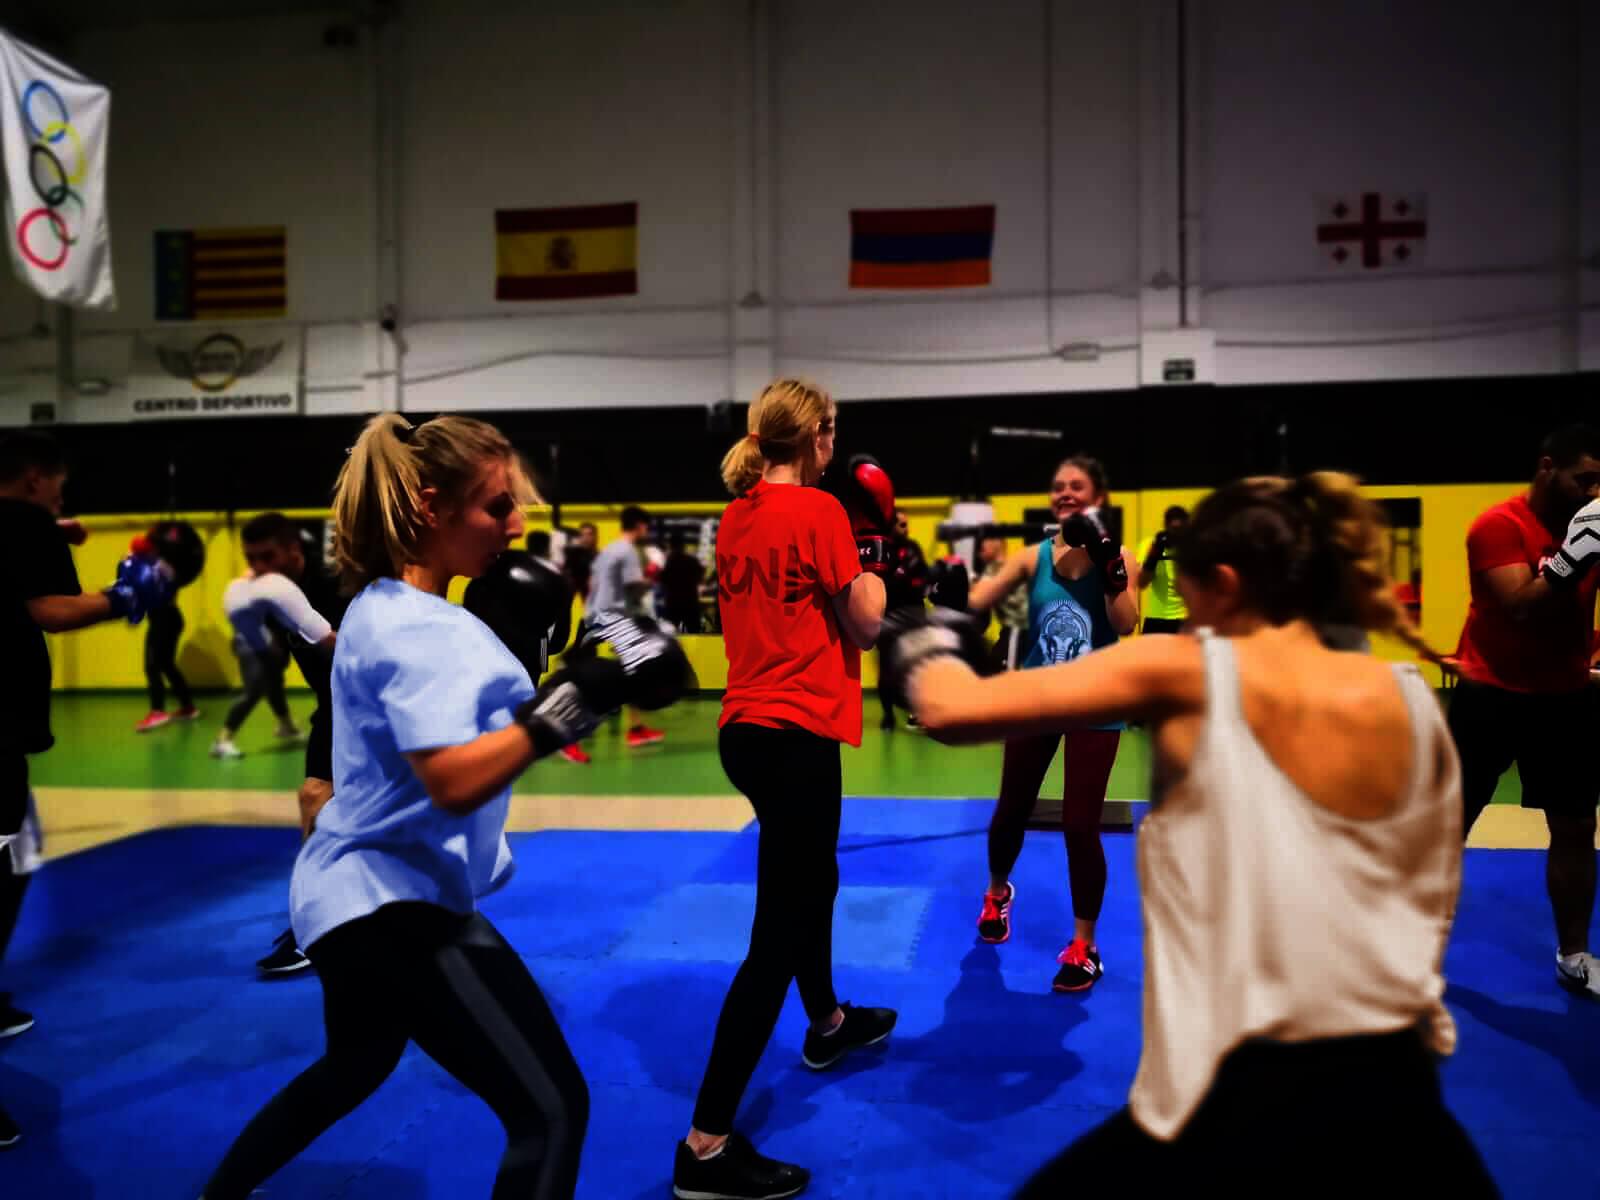 gimnasio con clases de boxeo 1 1